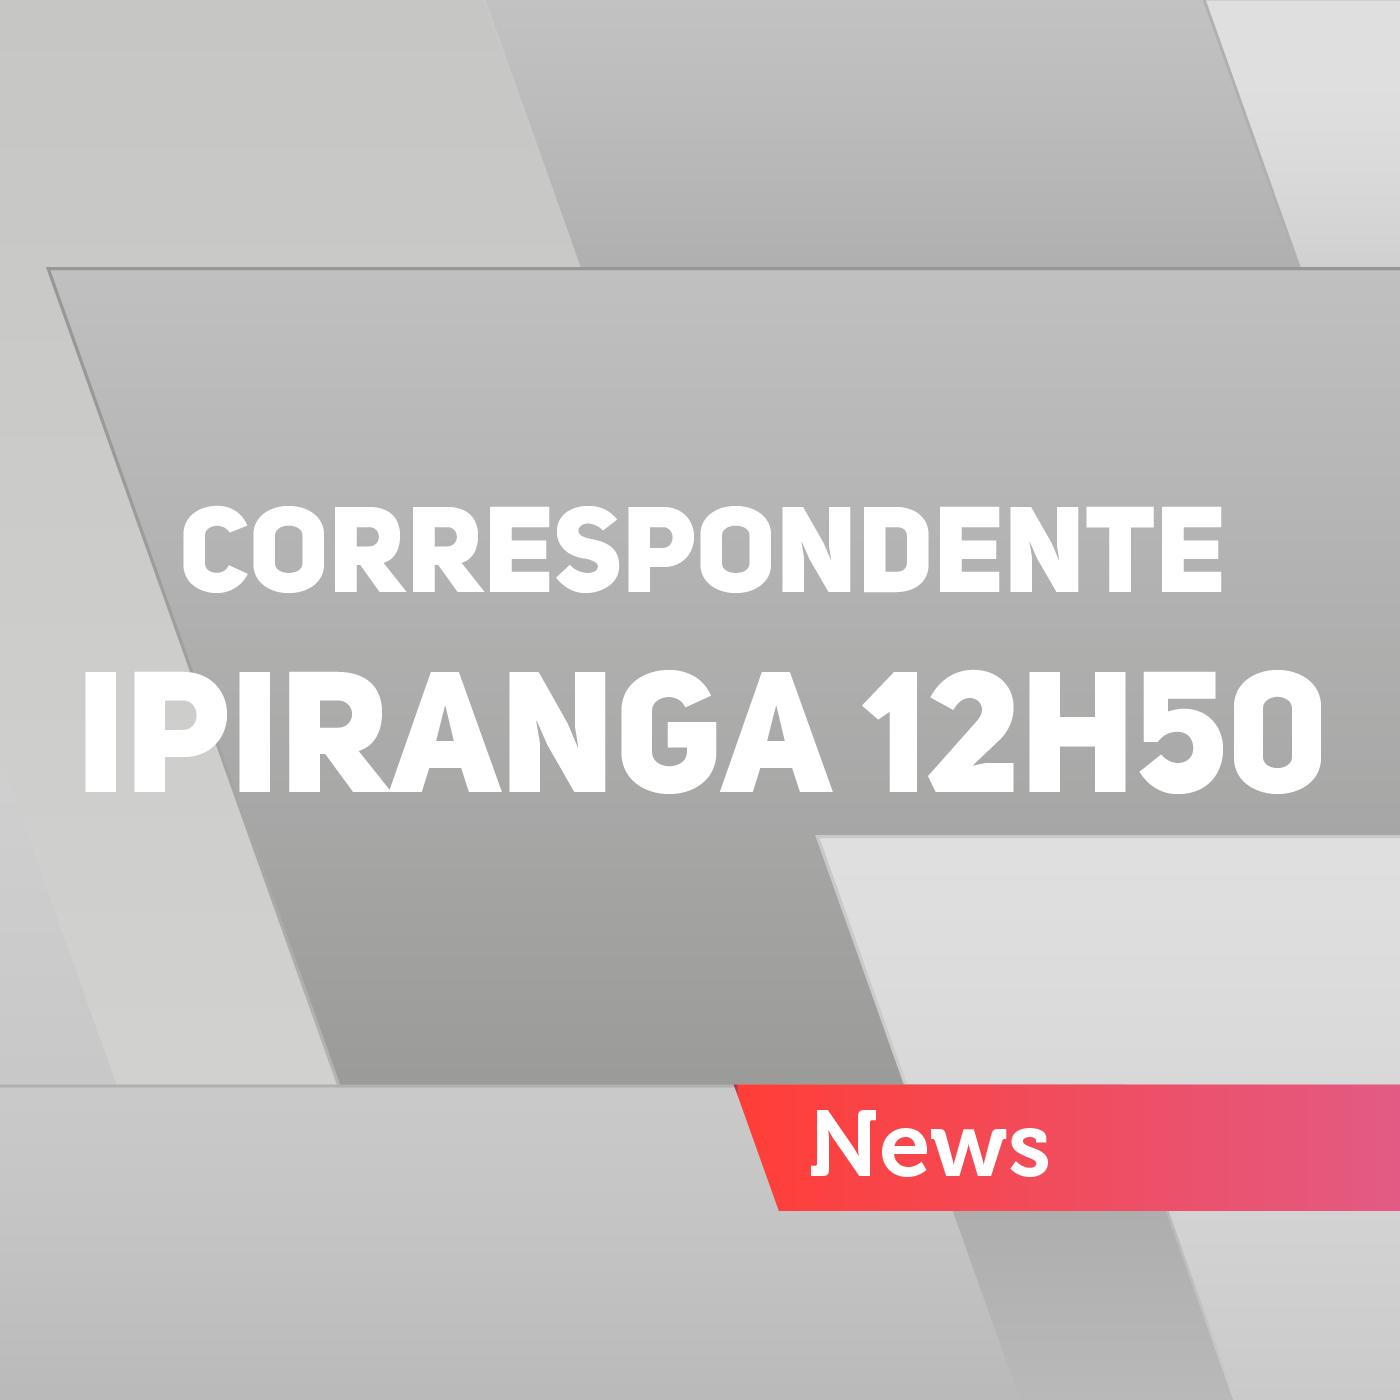 Correspondente Ipiranga 12h50 19/11/2017